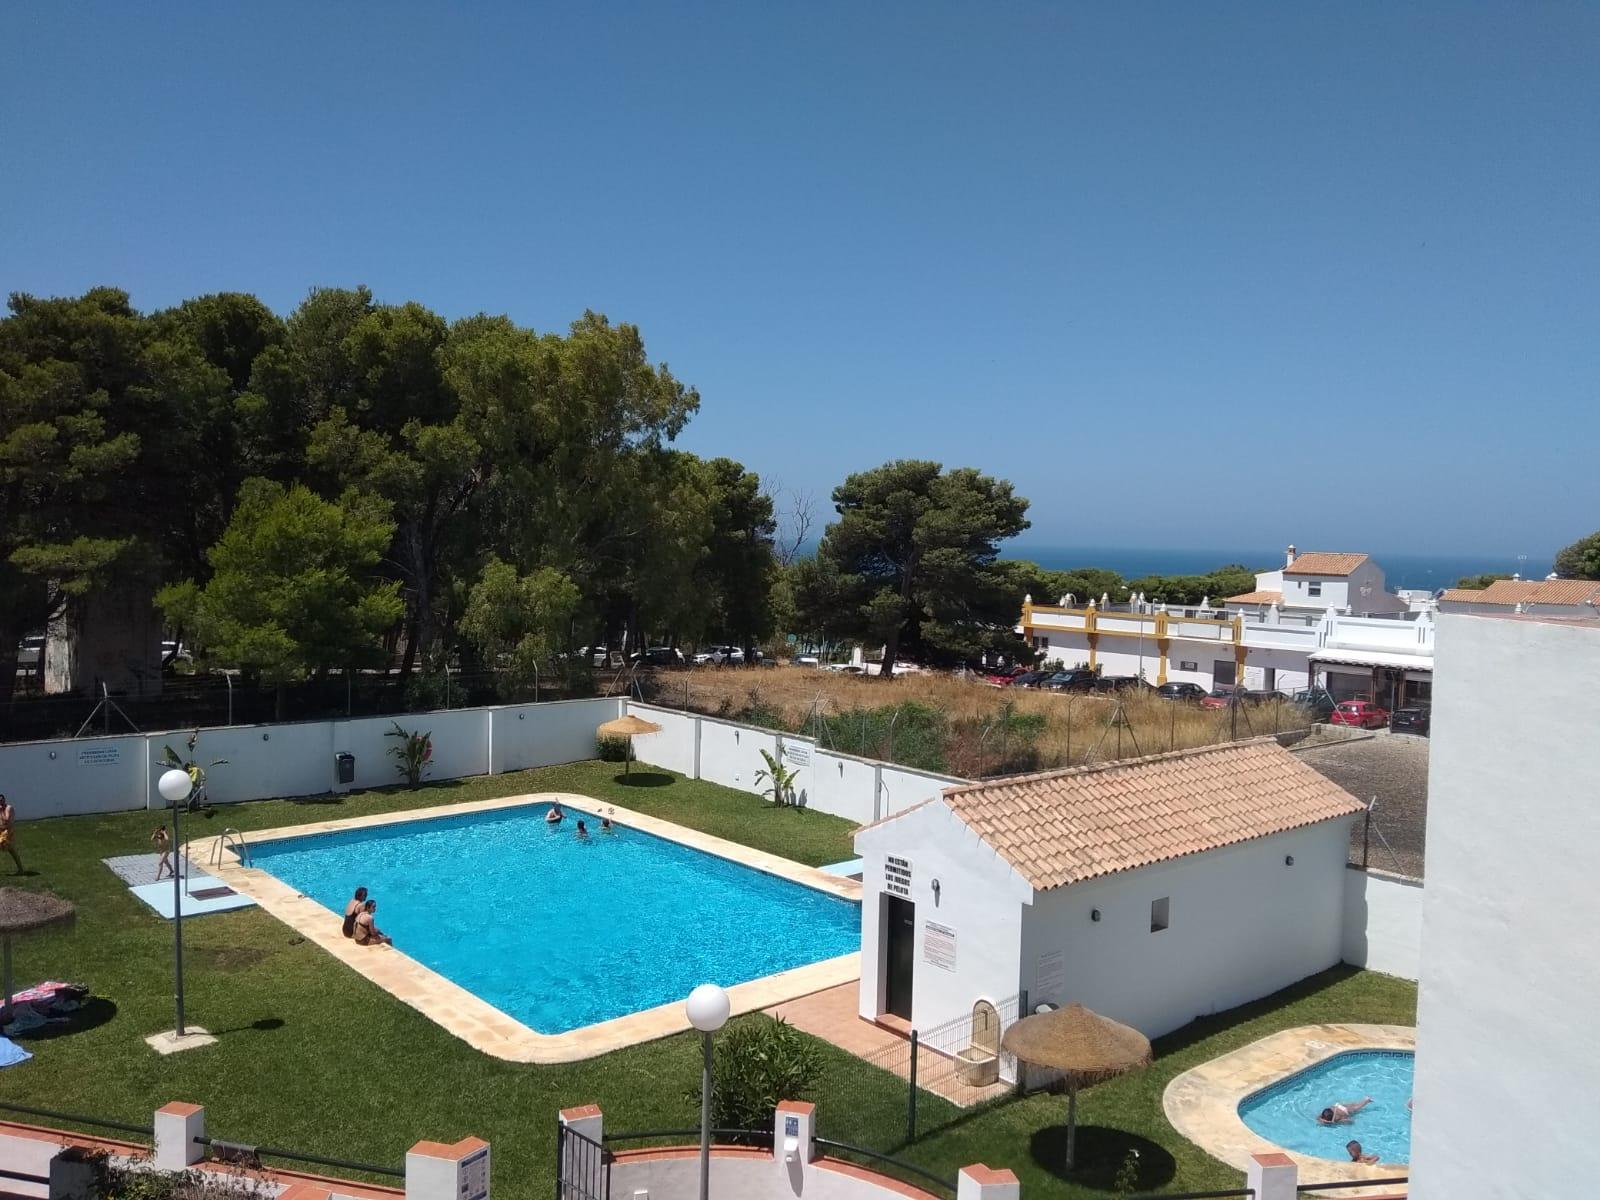 Conil 116 p5,Apartment  with communal pool in Conil de la Frontera, Costa de la Luz, Spain for 5 persons.....